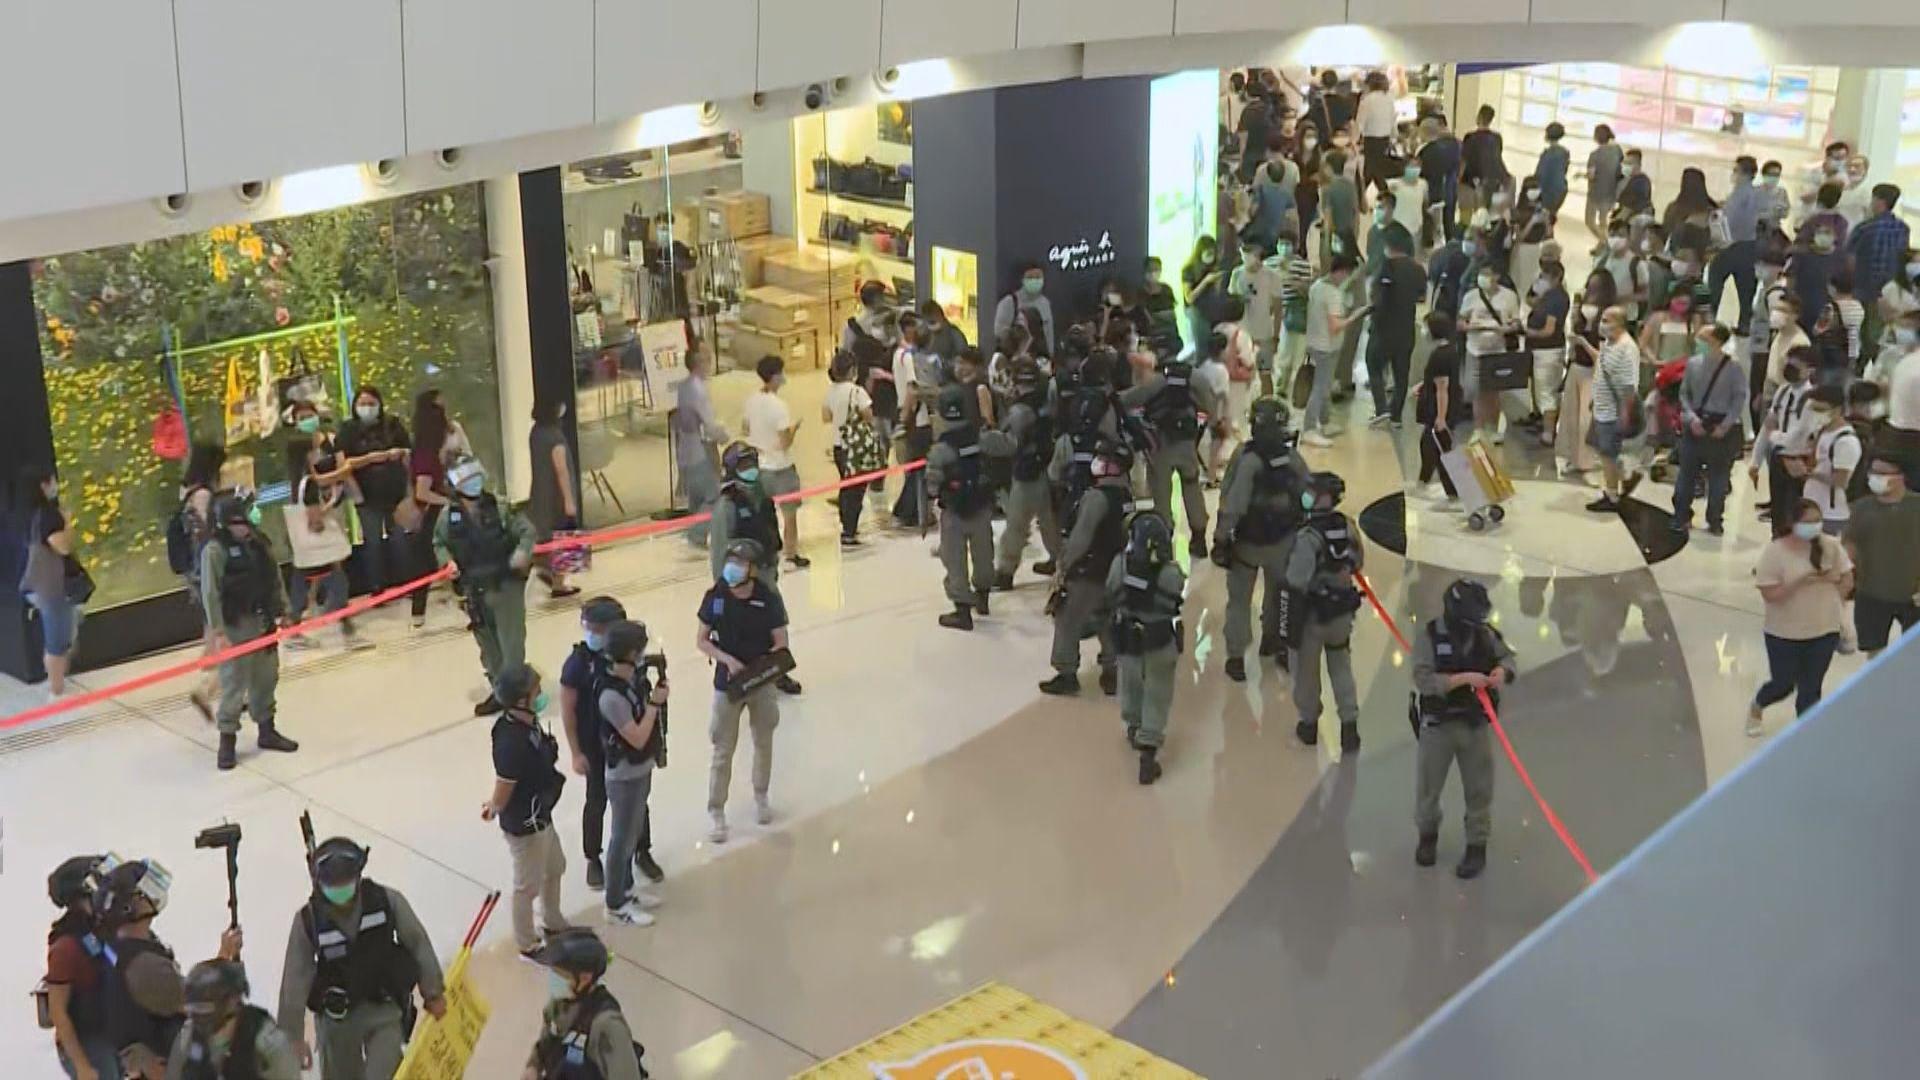 網民觀塘APM叫口號 防暴警察進入商場警告